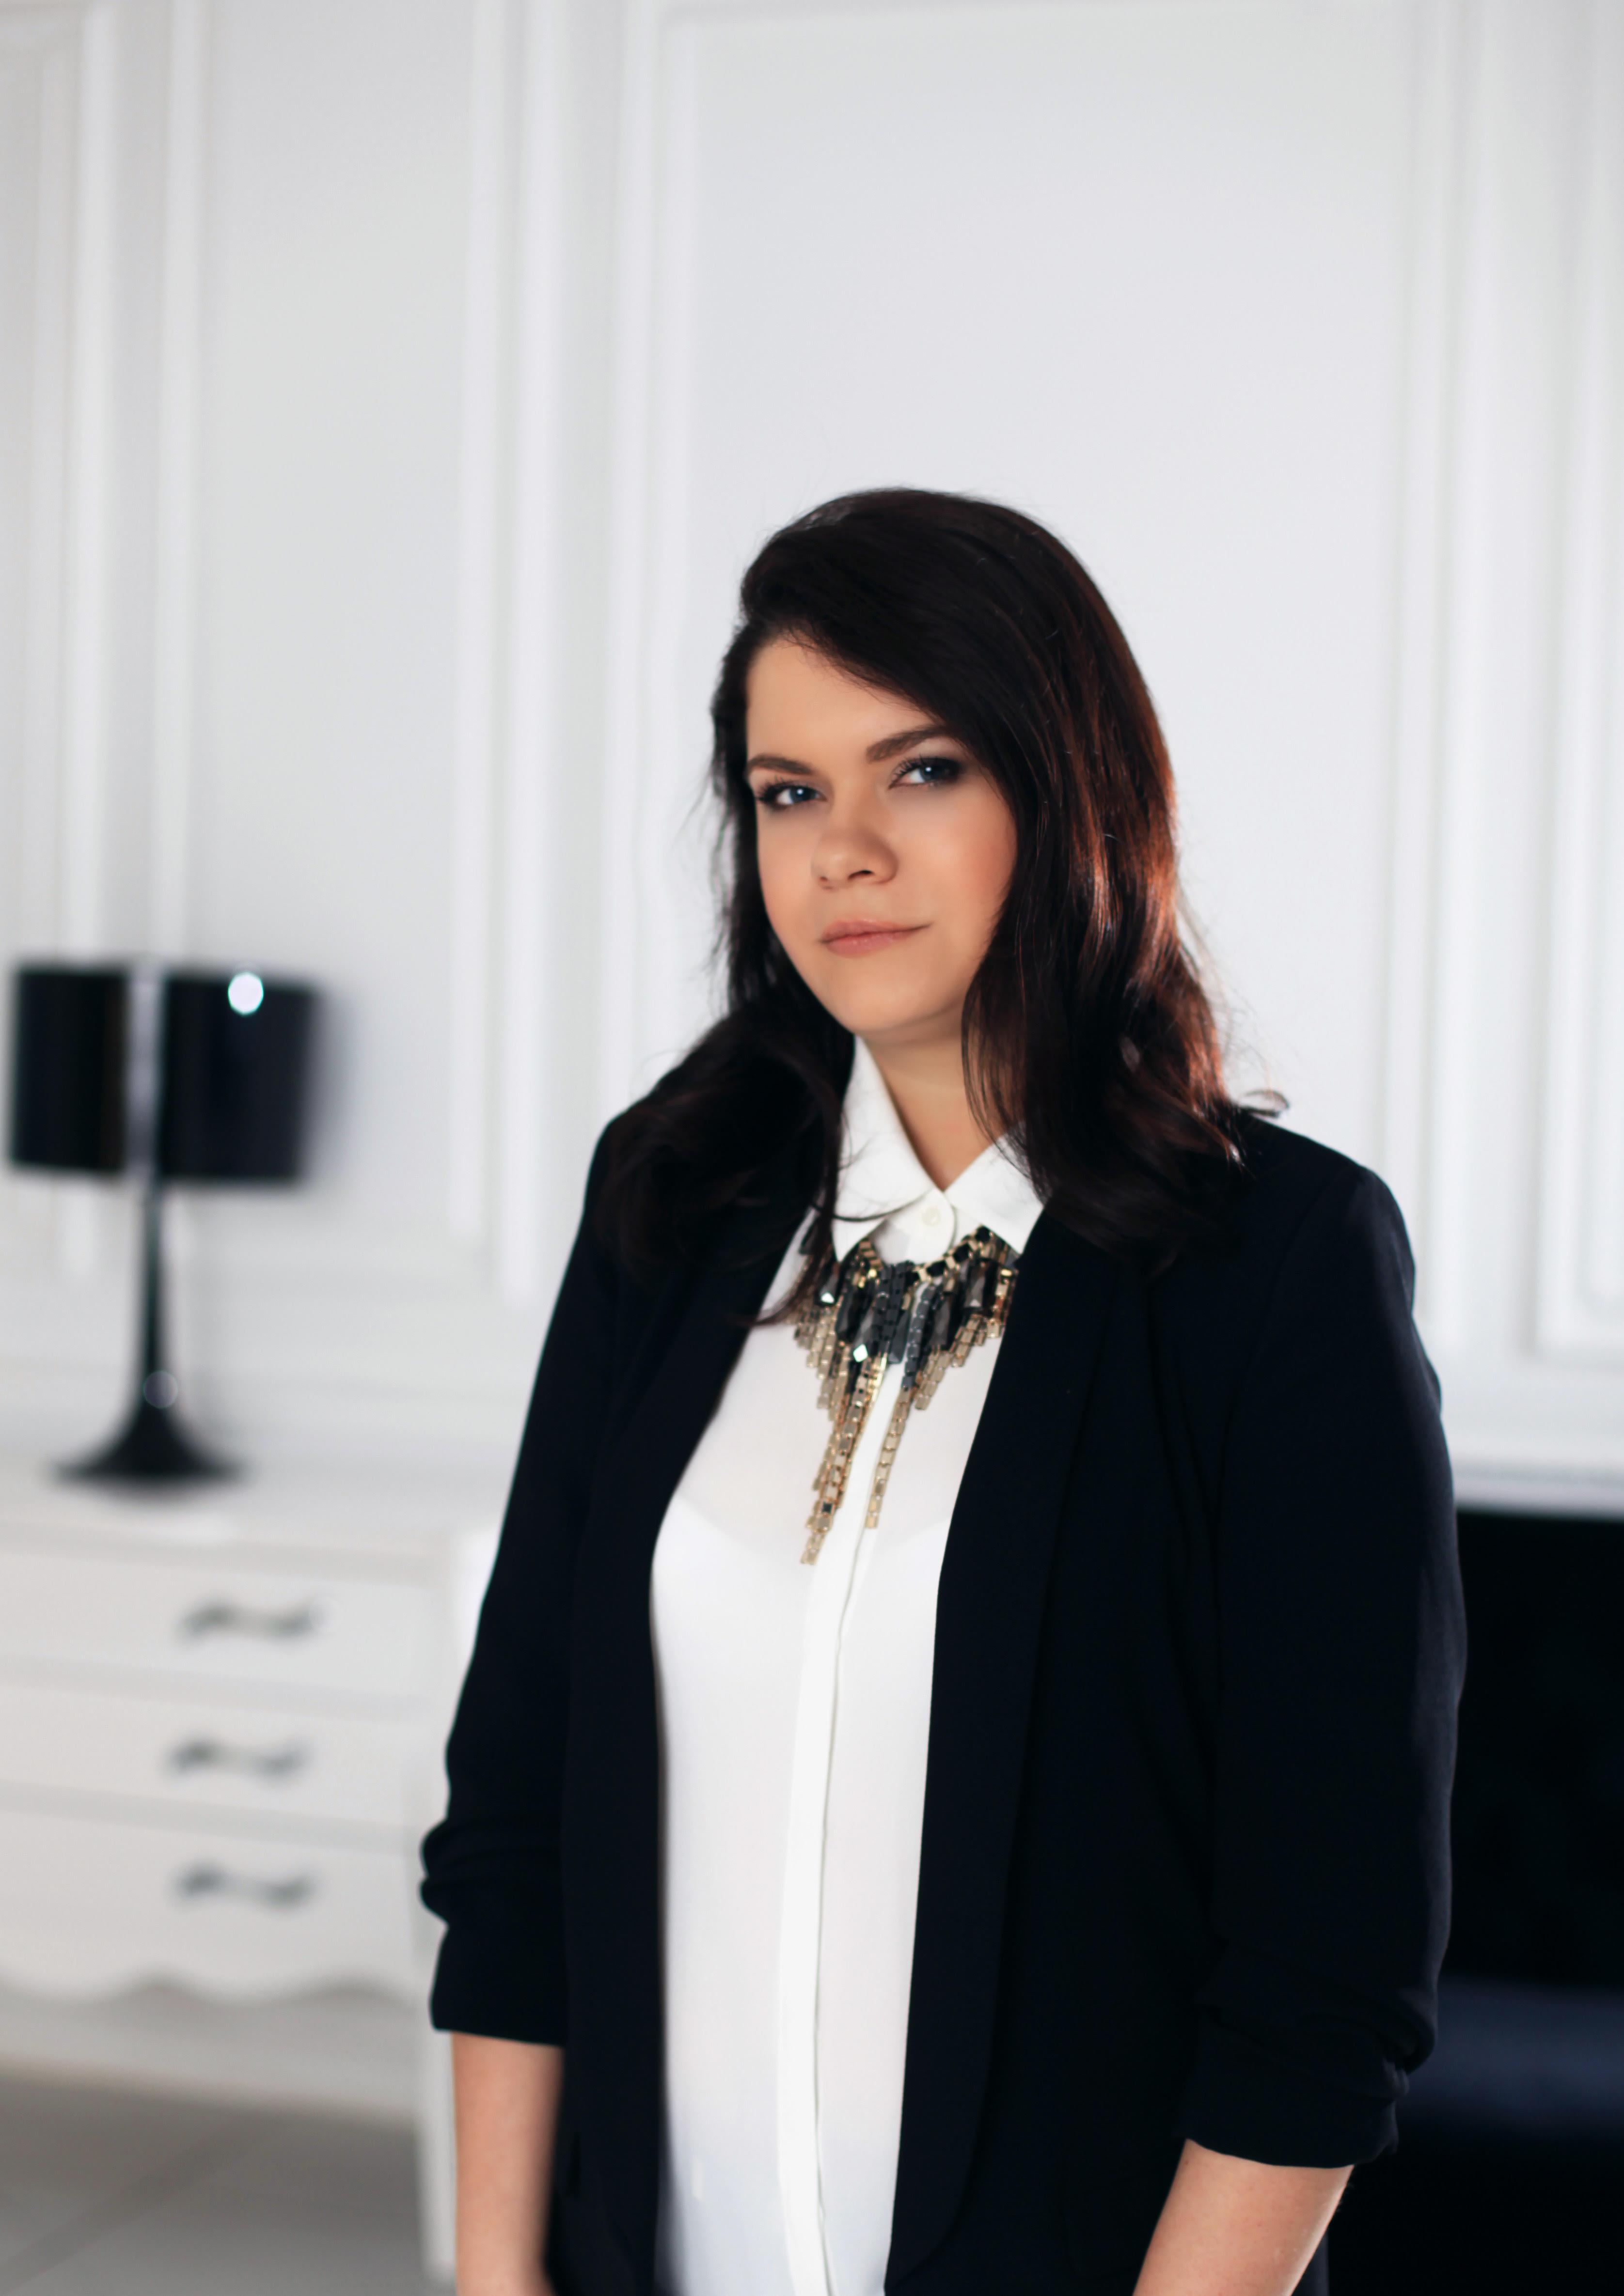 Олеся Теплова назначена PR-директором в группе компаний Viasat